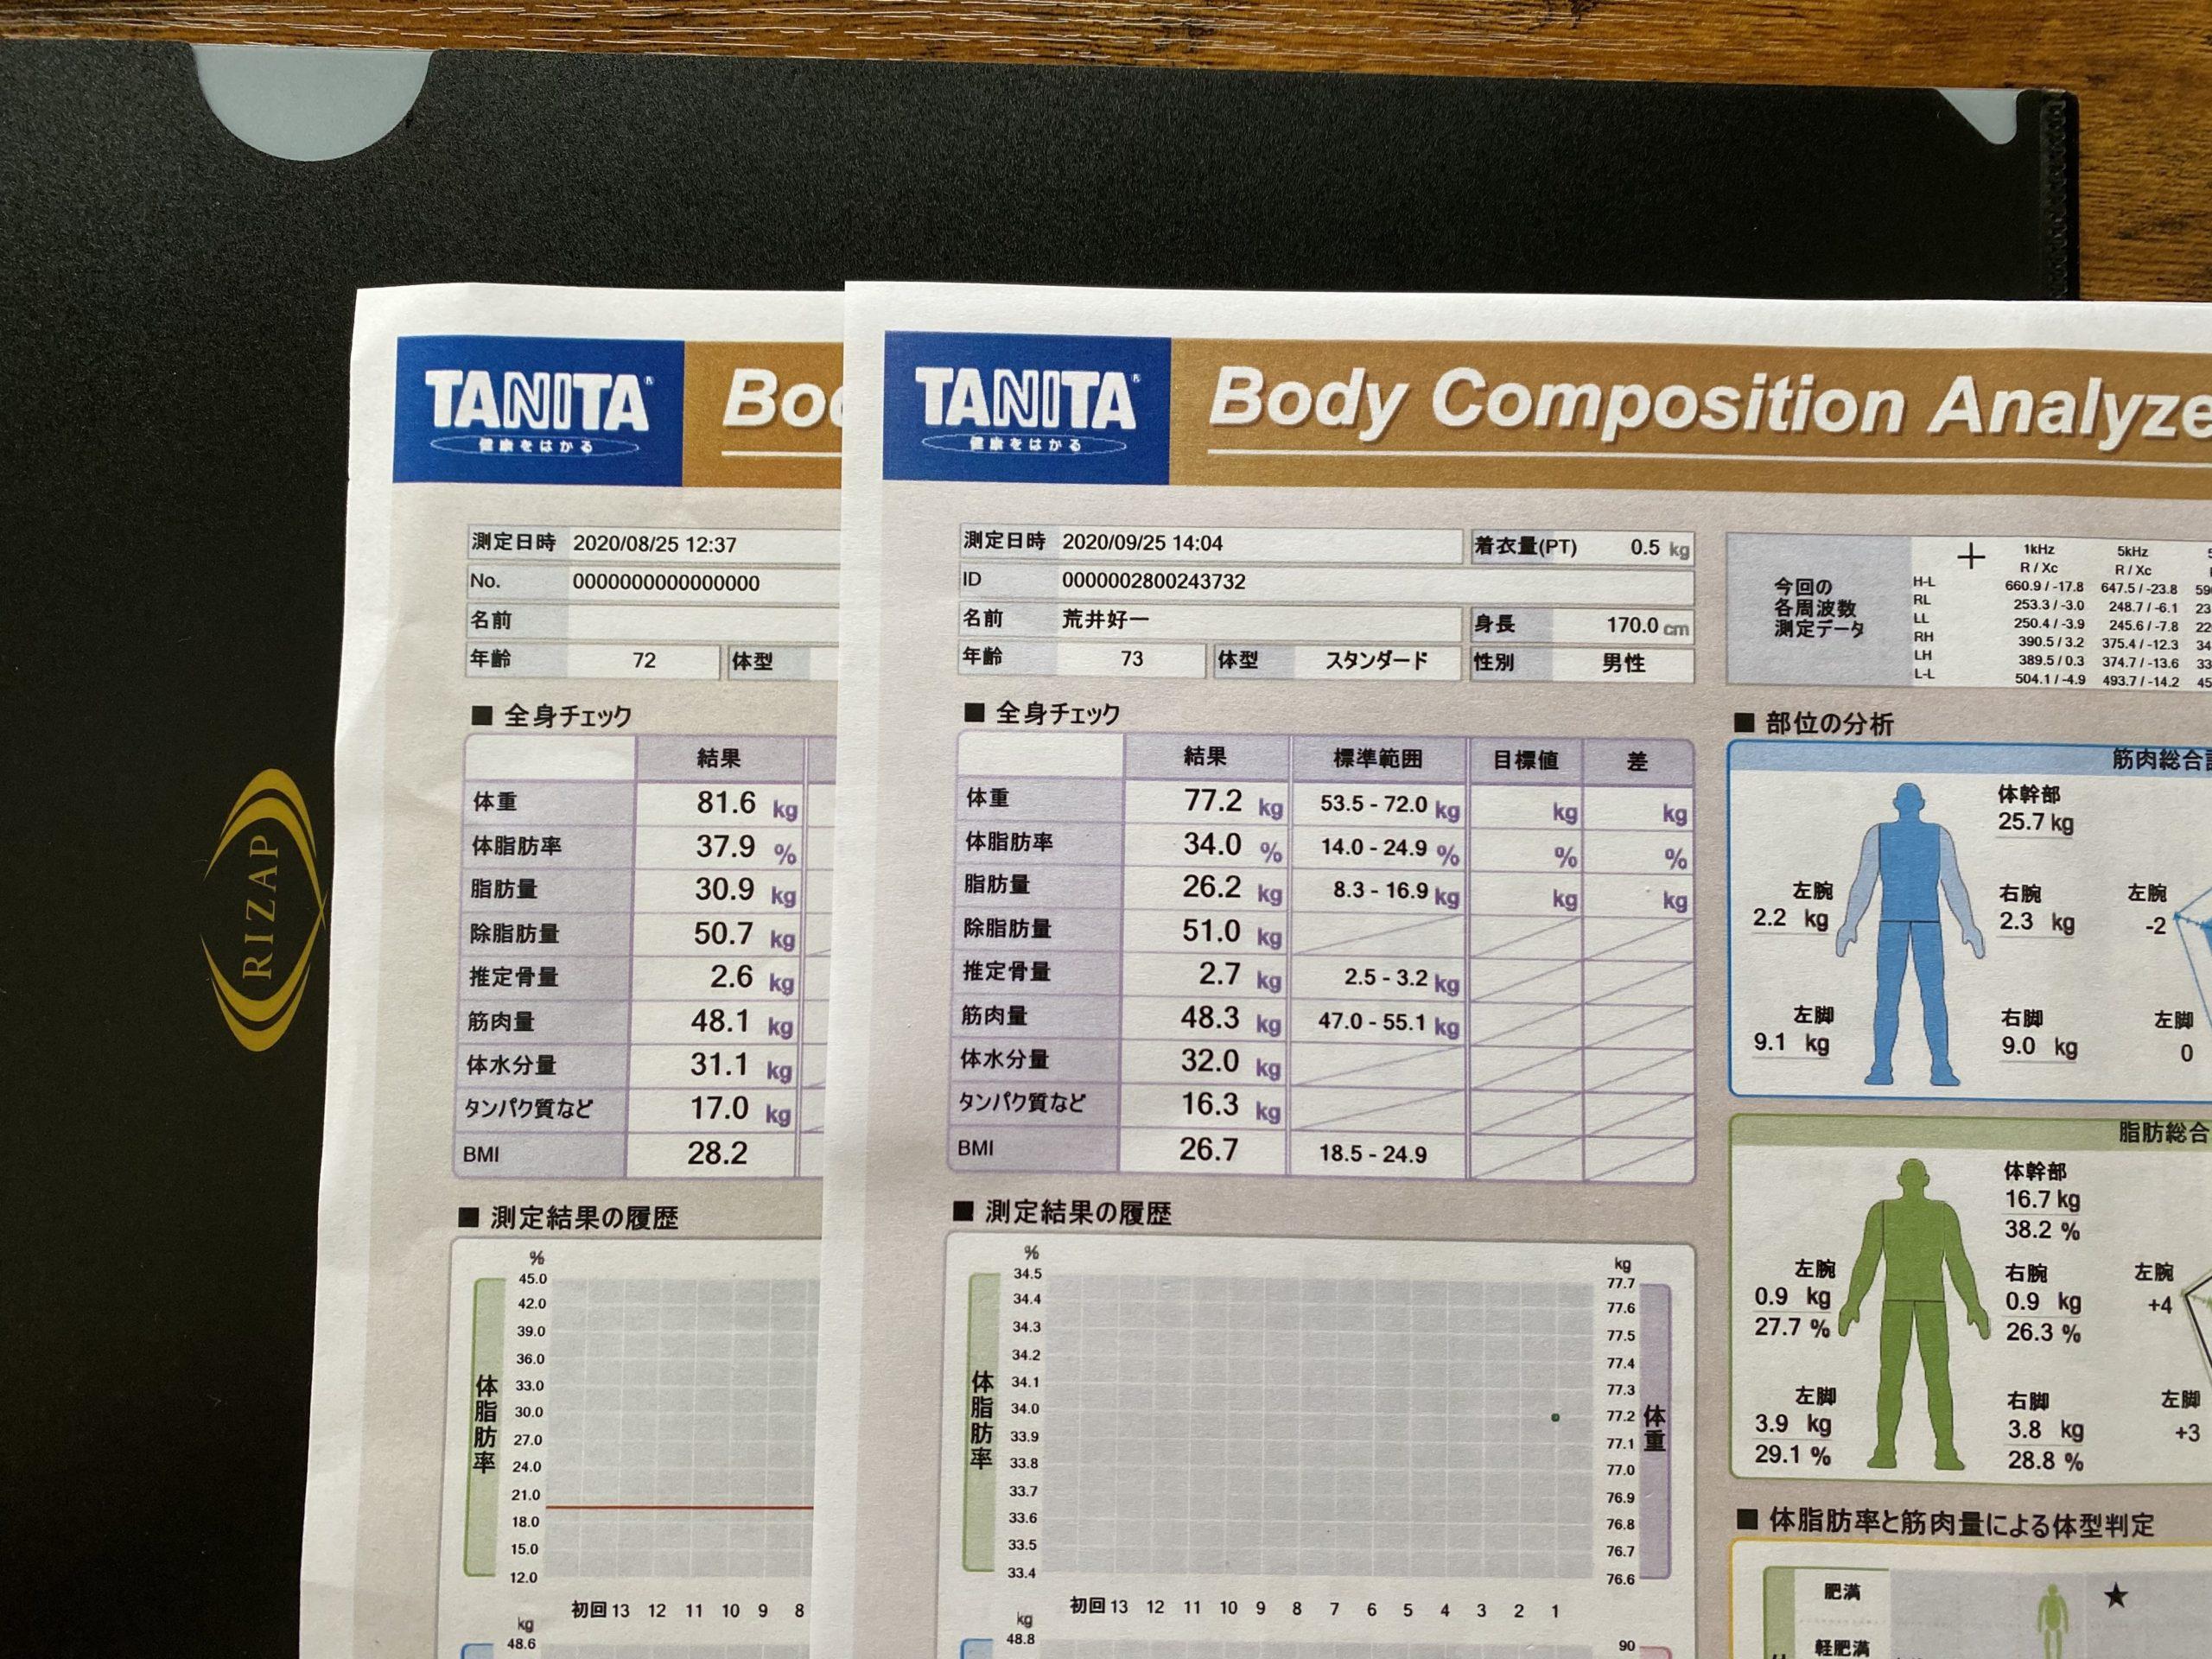 ライザップ1ヶ月の記録、食事の質に向き合って、まずは体重4.4kg減、体脂肪4.7kg減。